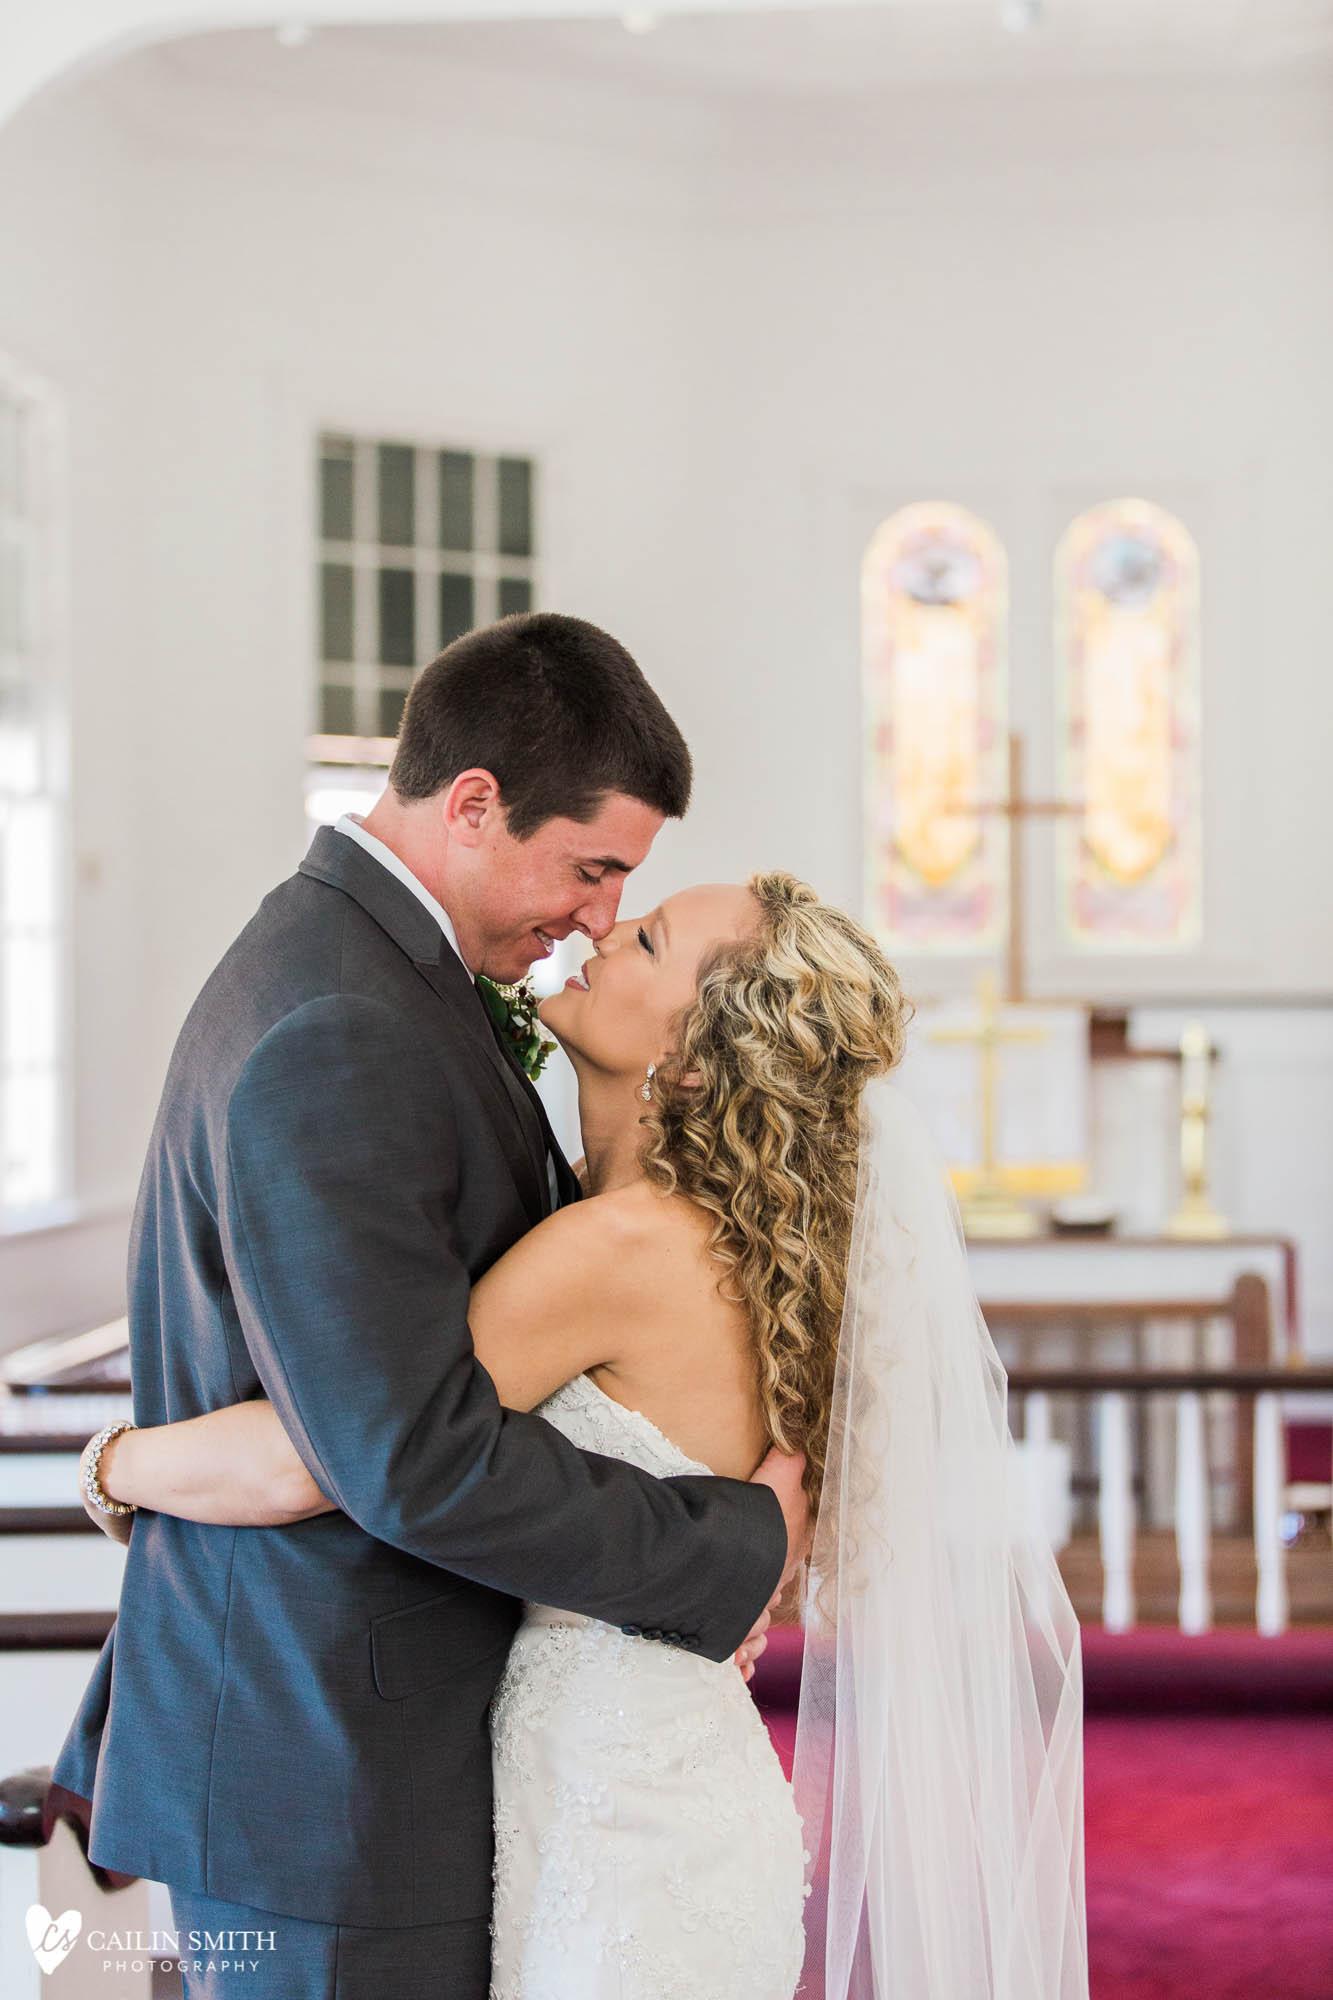 Leah_Major_St_Marys_Wedding_Photography_035.jpg